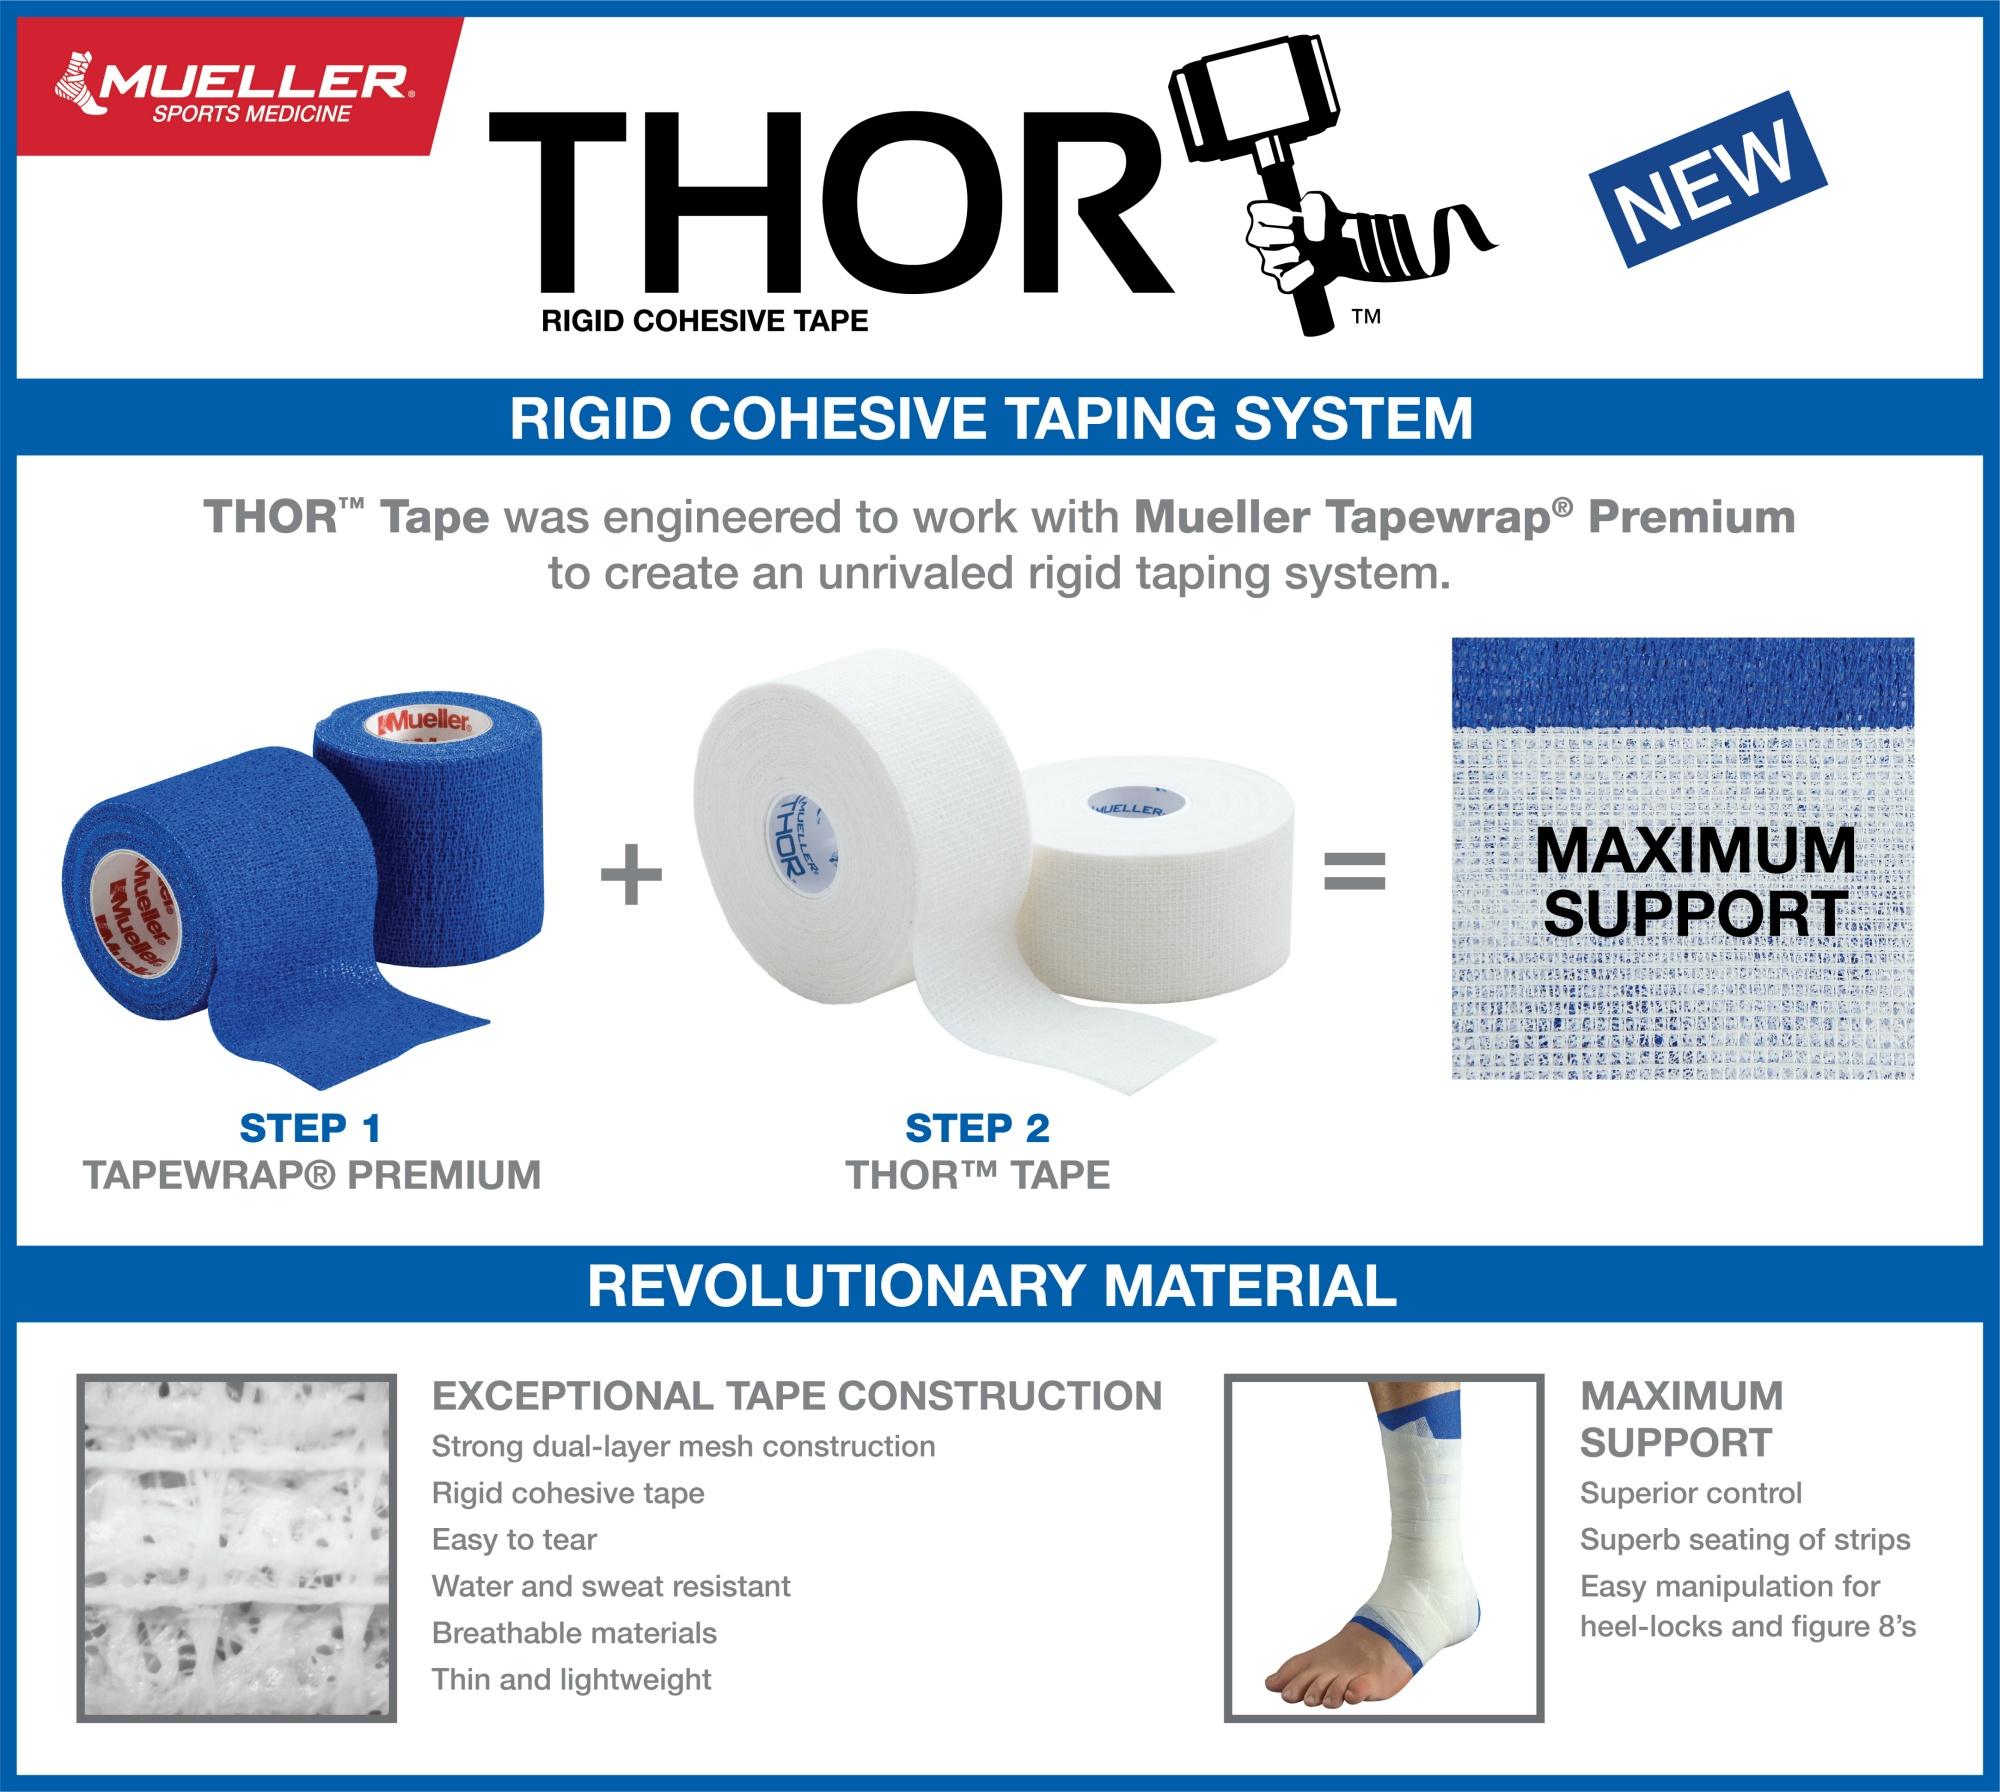 Thor Rigid Cohesive Tape